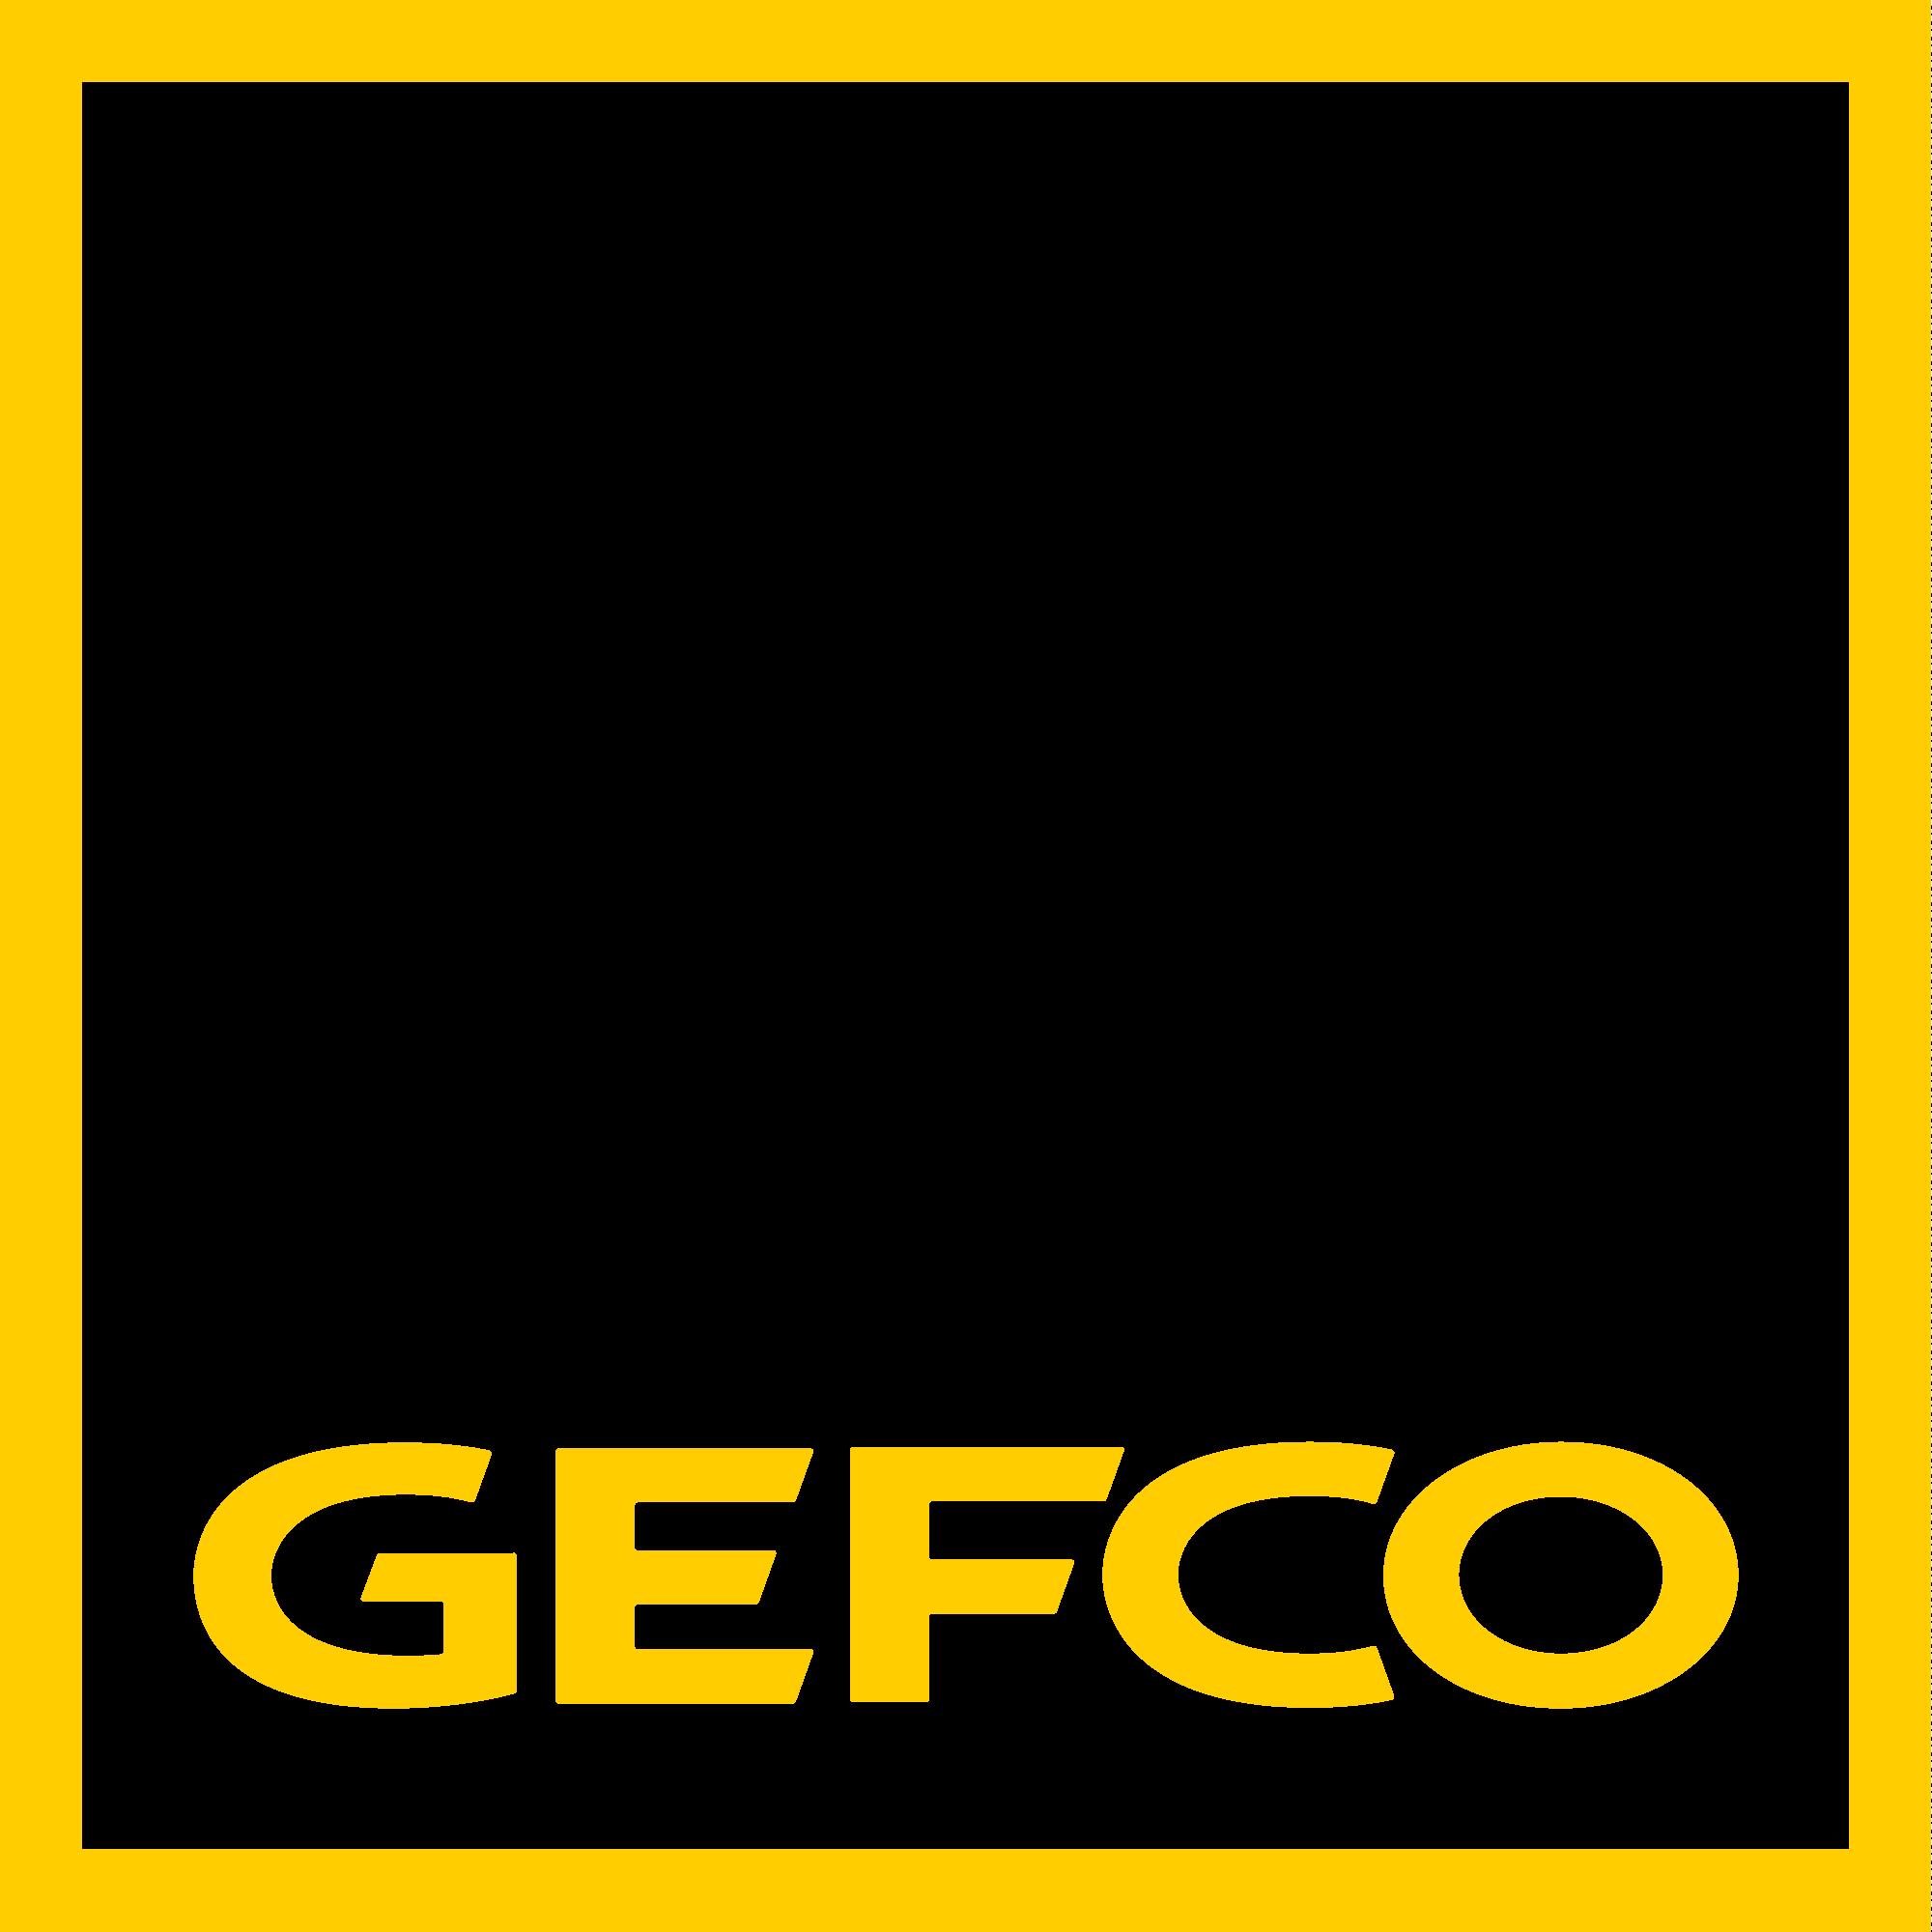 gefco.png